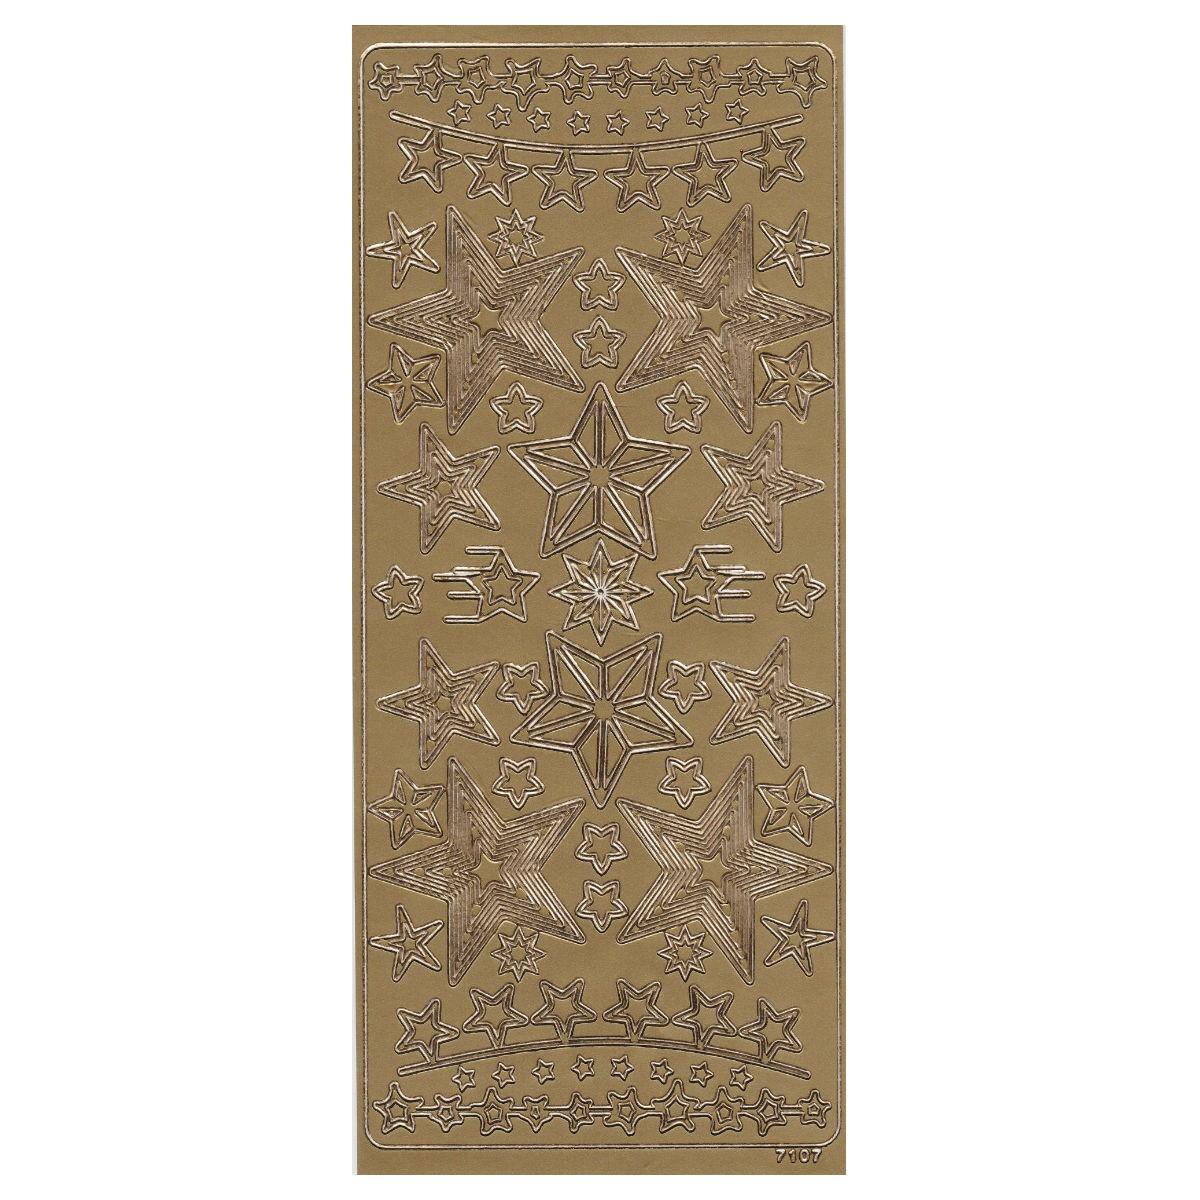 Konturensticker Sterne Gold - Peel off stickers Weihnachten & Advent